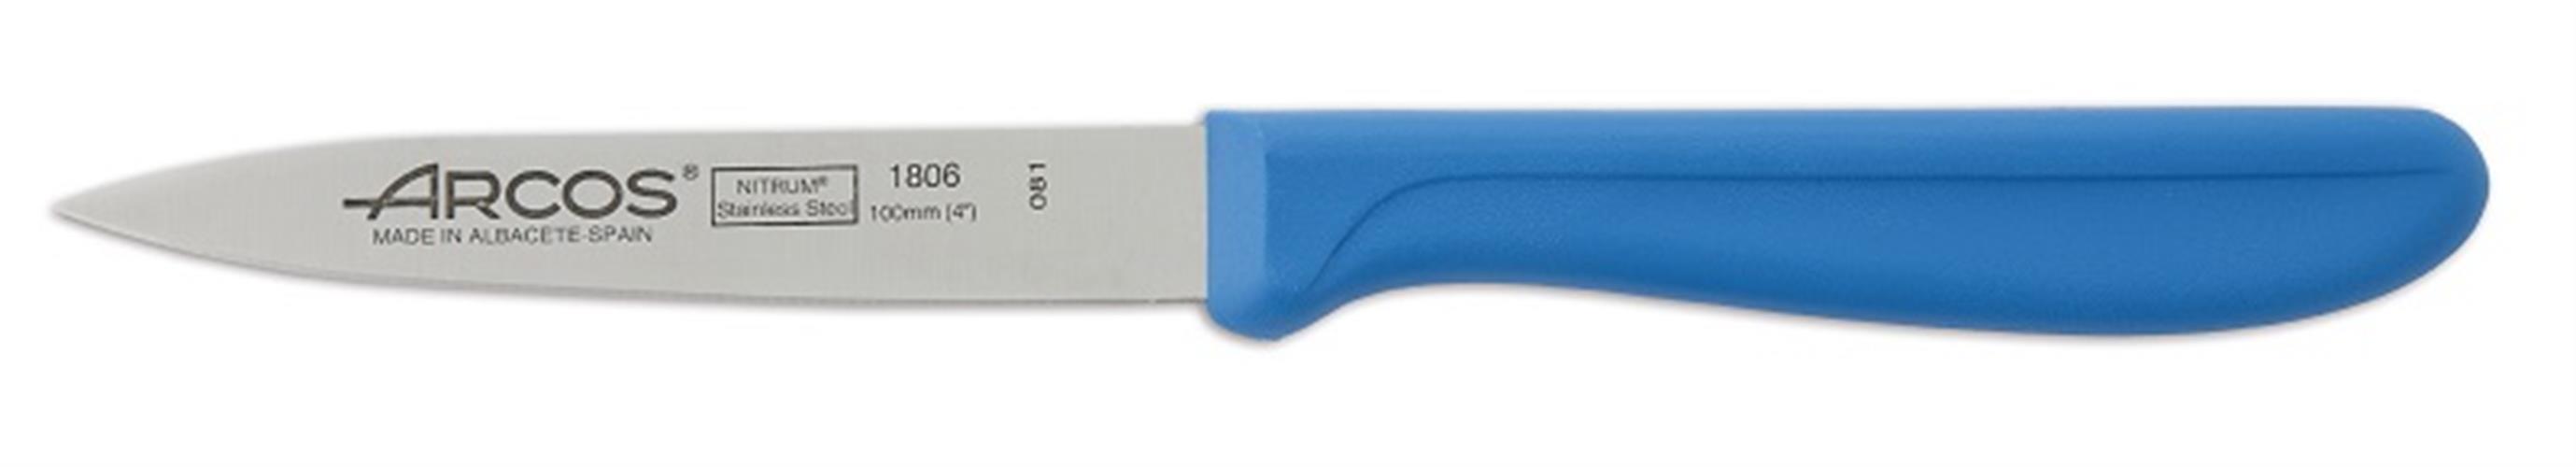 """סכין ירקות חלקה 10 ס""""מ ידית כחולה - מבית ARCOS המותג המקורי מספרד!"""